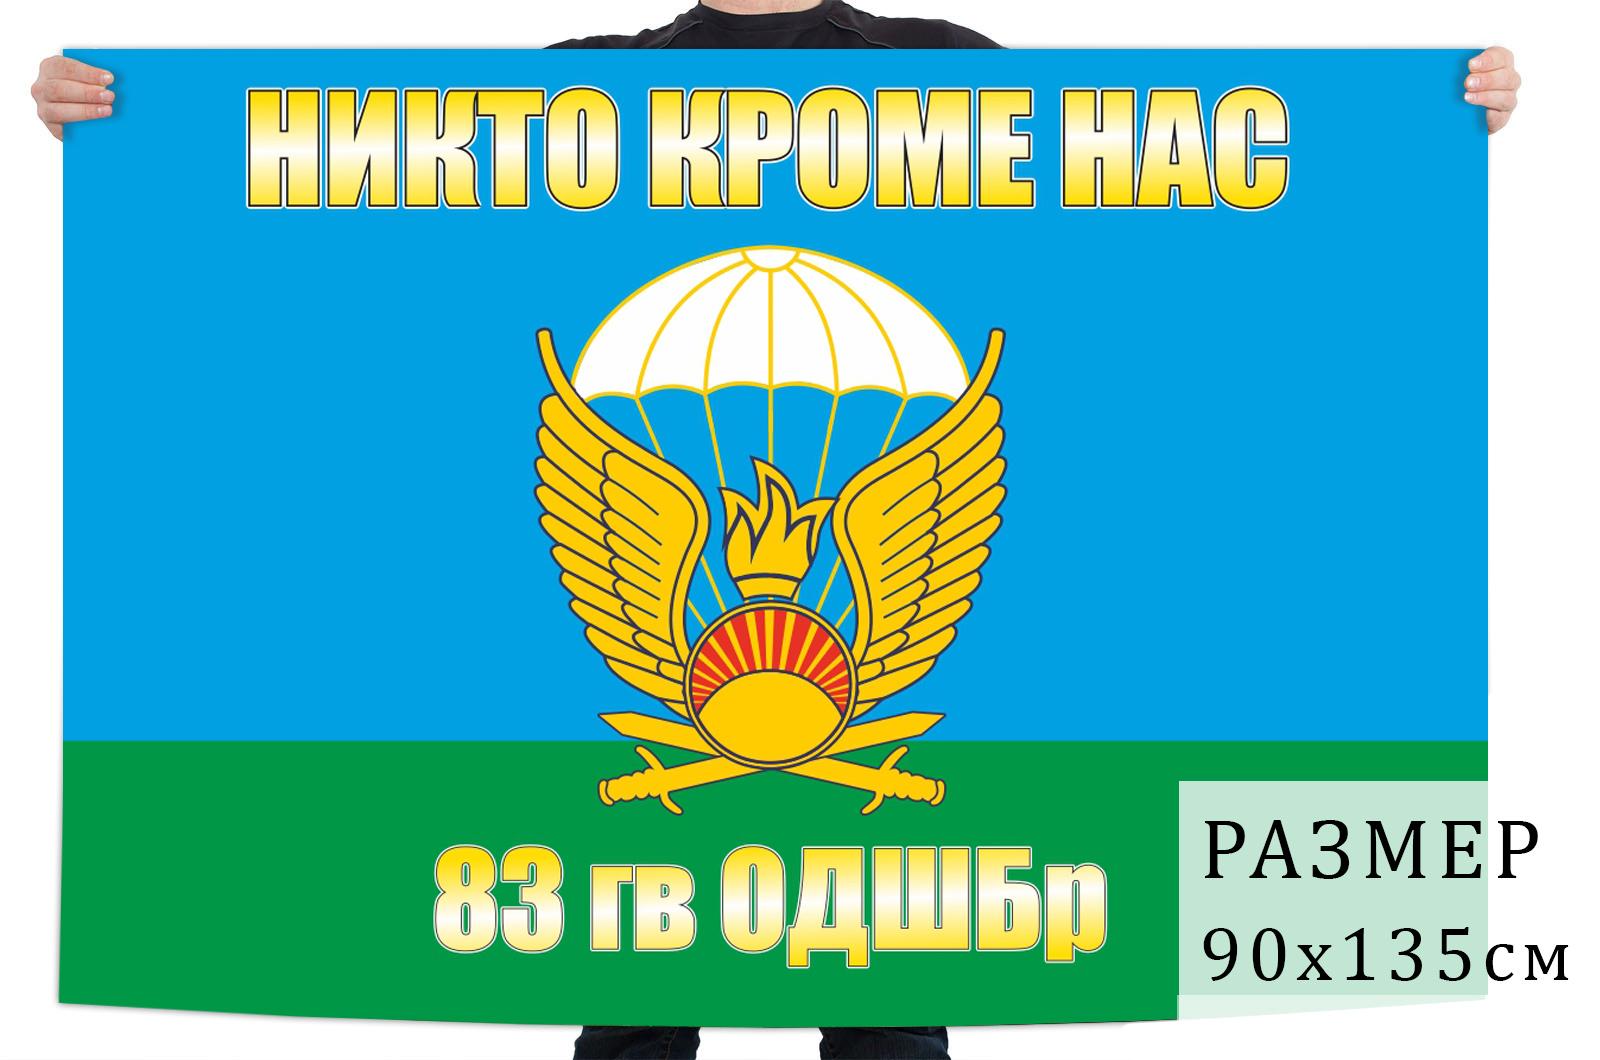 Заказать флаг 83-я ОДШБр ВДВ